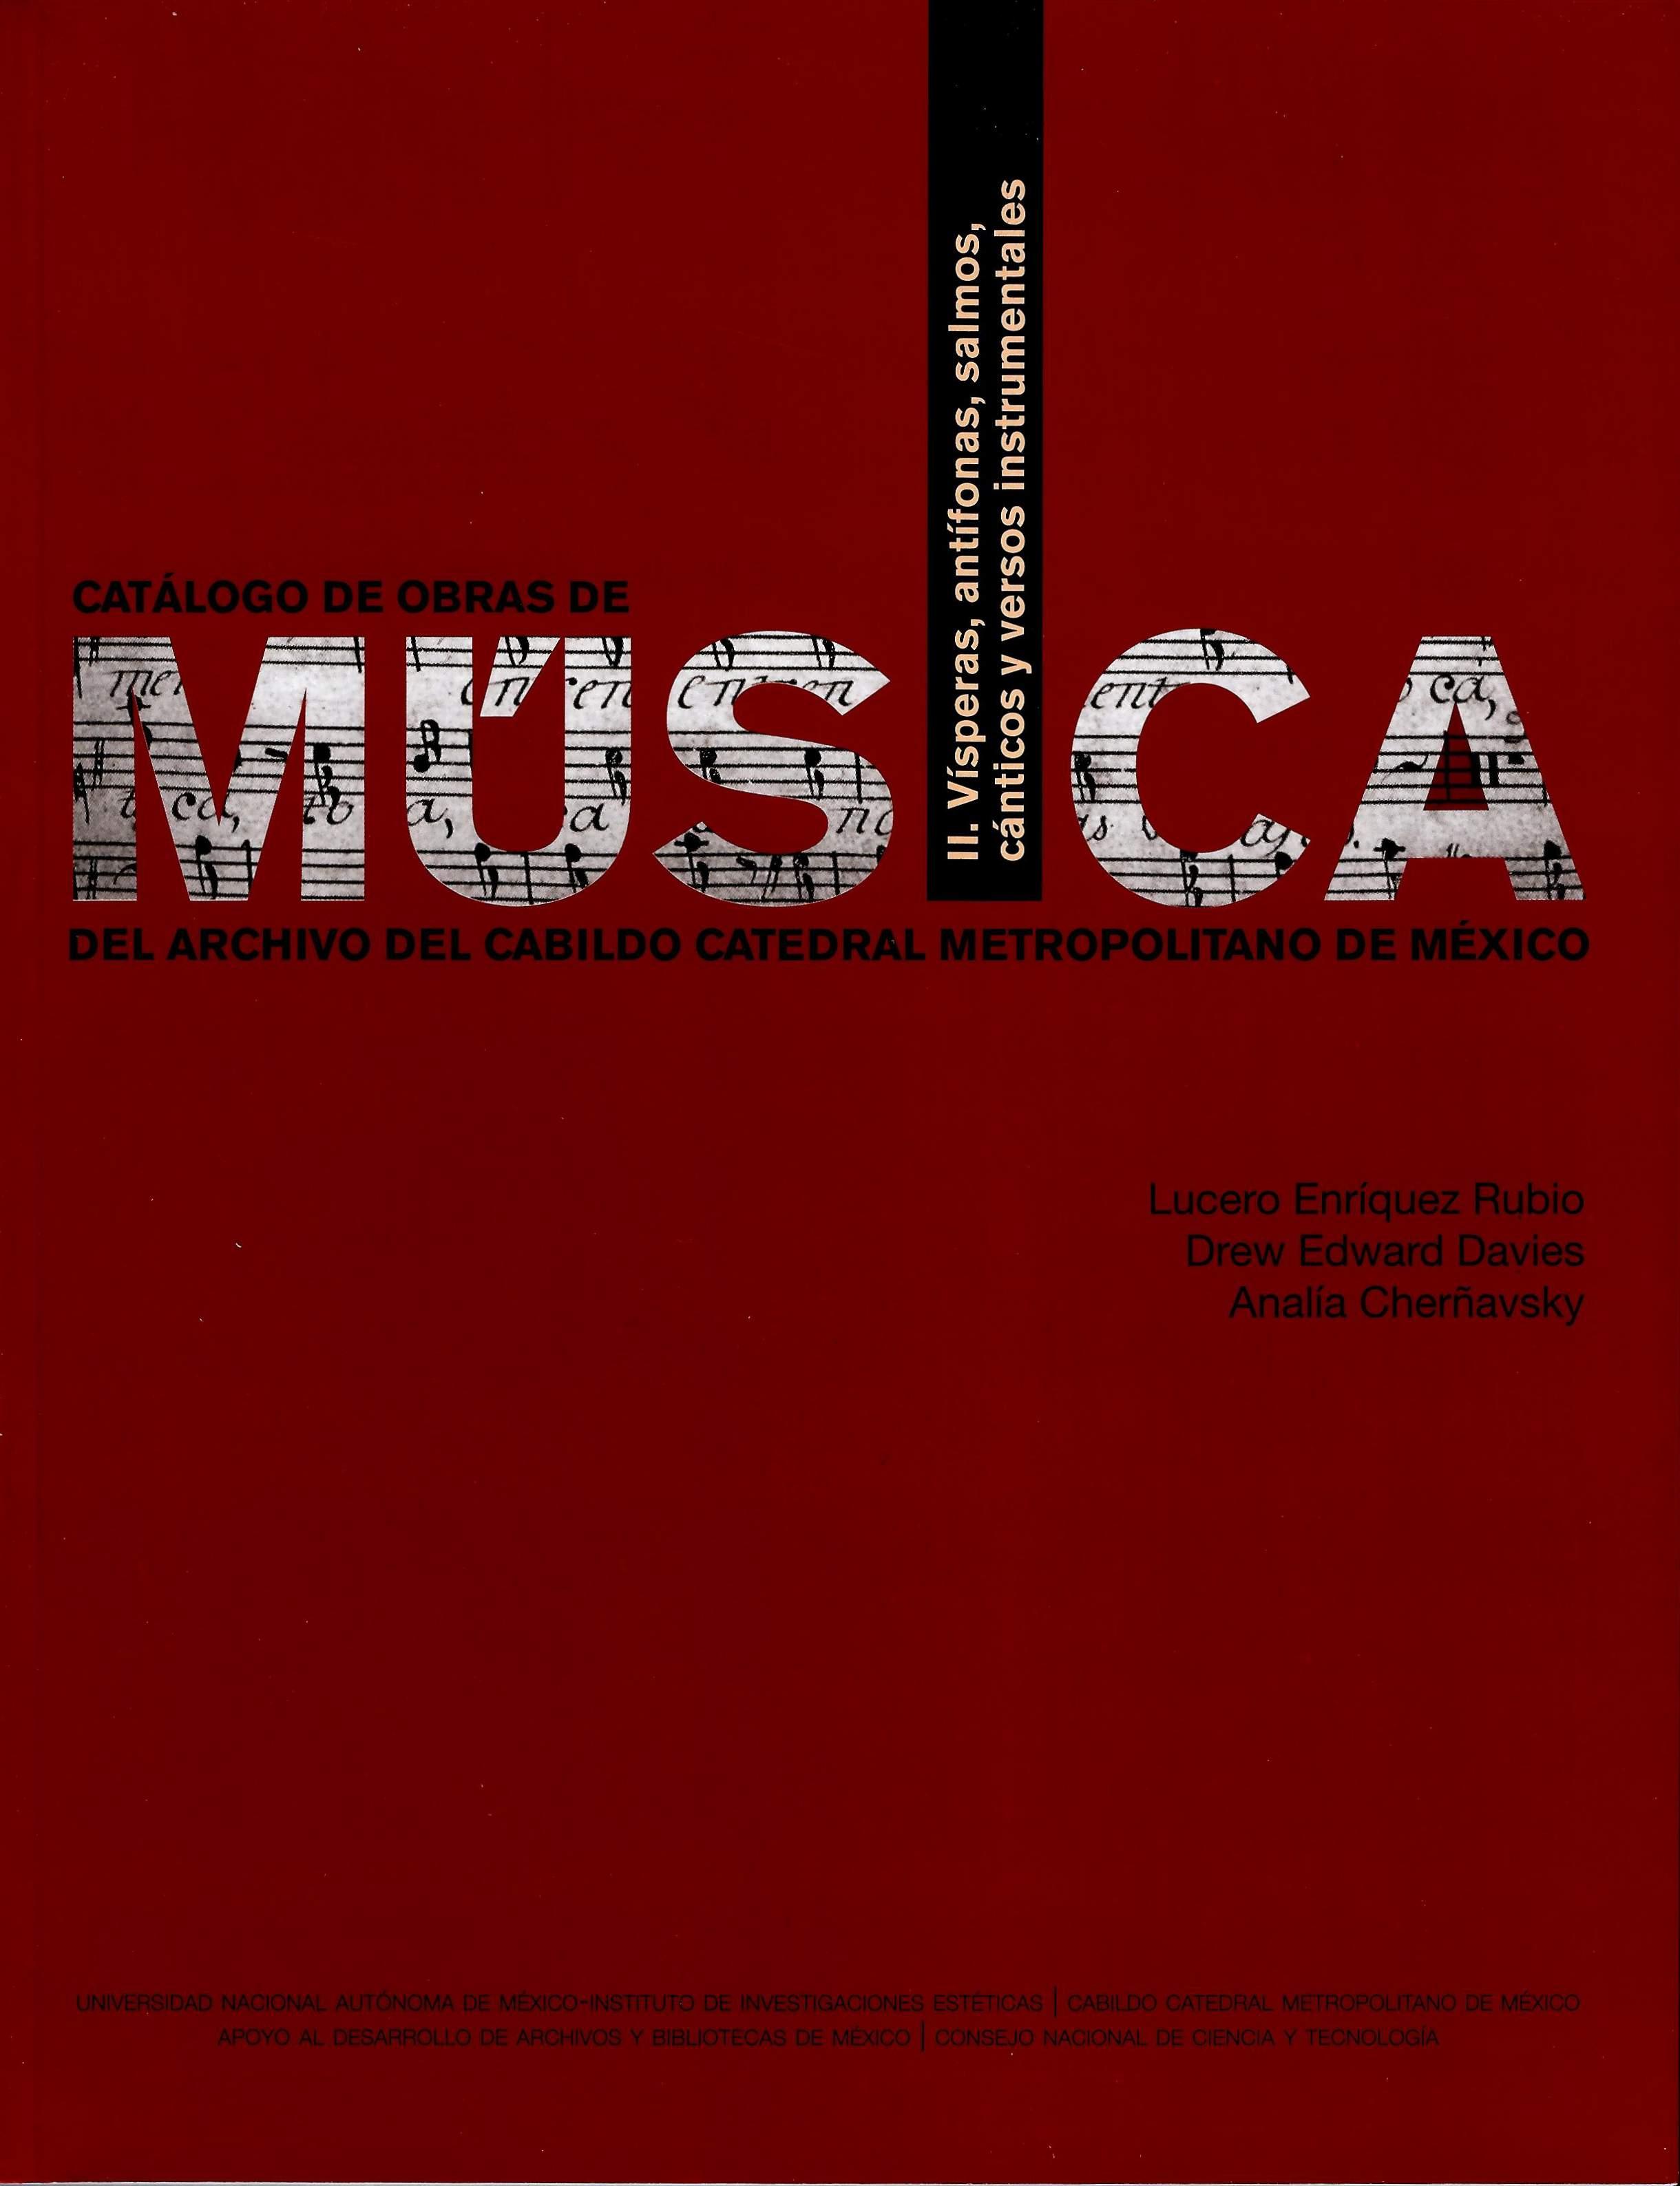 Catálogo de obras de música del Archivo del Cabildo Catedral Metropolitano de México. Volumen II